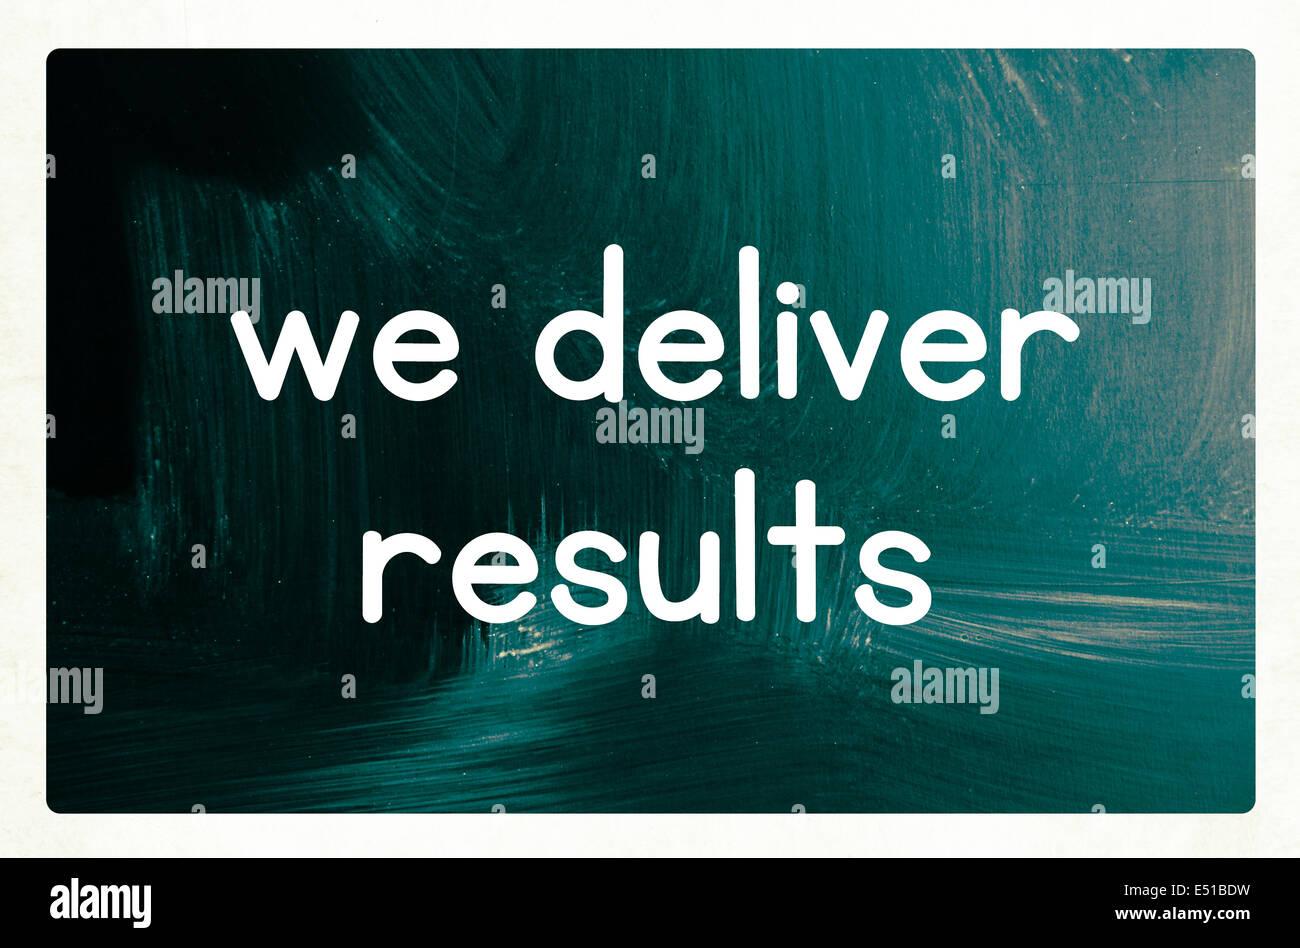 Wir liefern Ergebnisse Konzept Stockbild